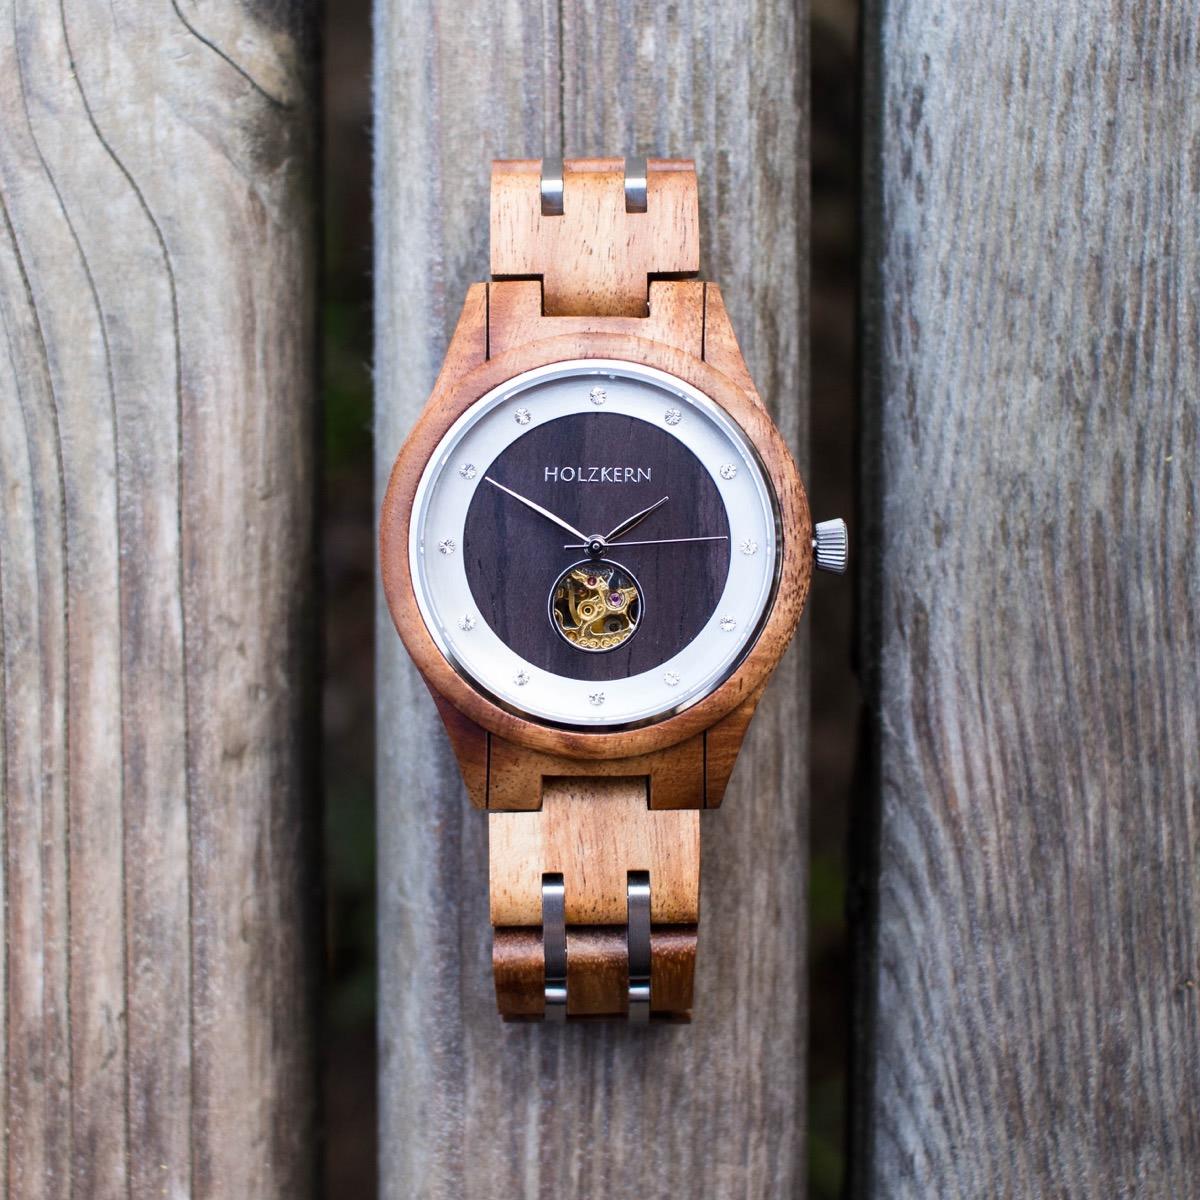 Damen-Holzuhr der Firma Holzkern namens Gretel aus Walnuss und Leadwood mit Automatik-Uhrwerk auf Holzbrettern